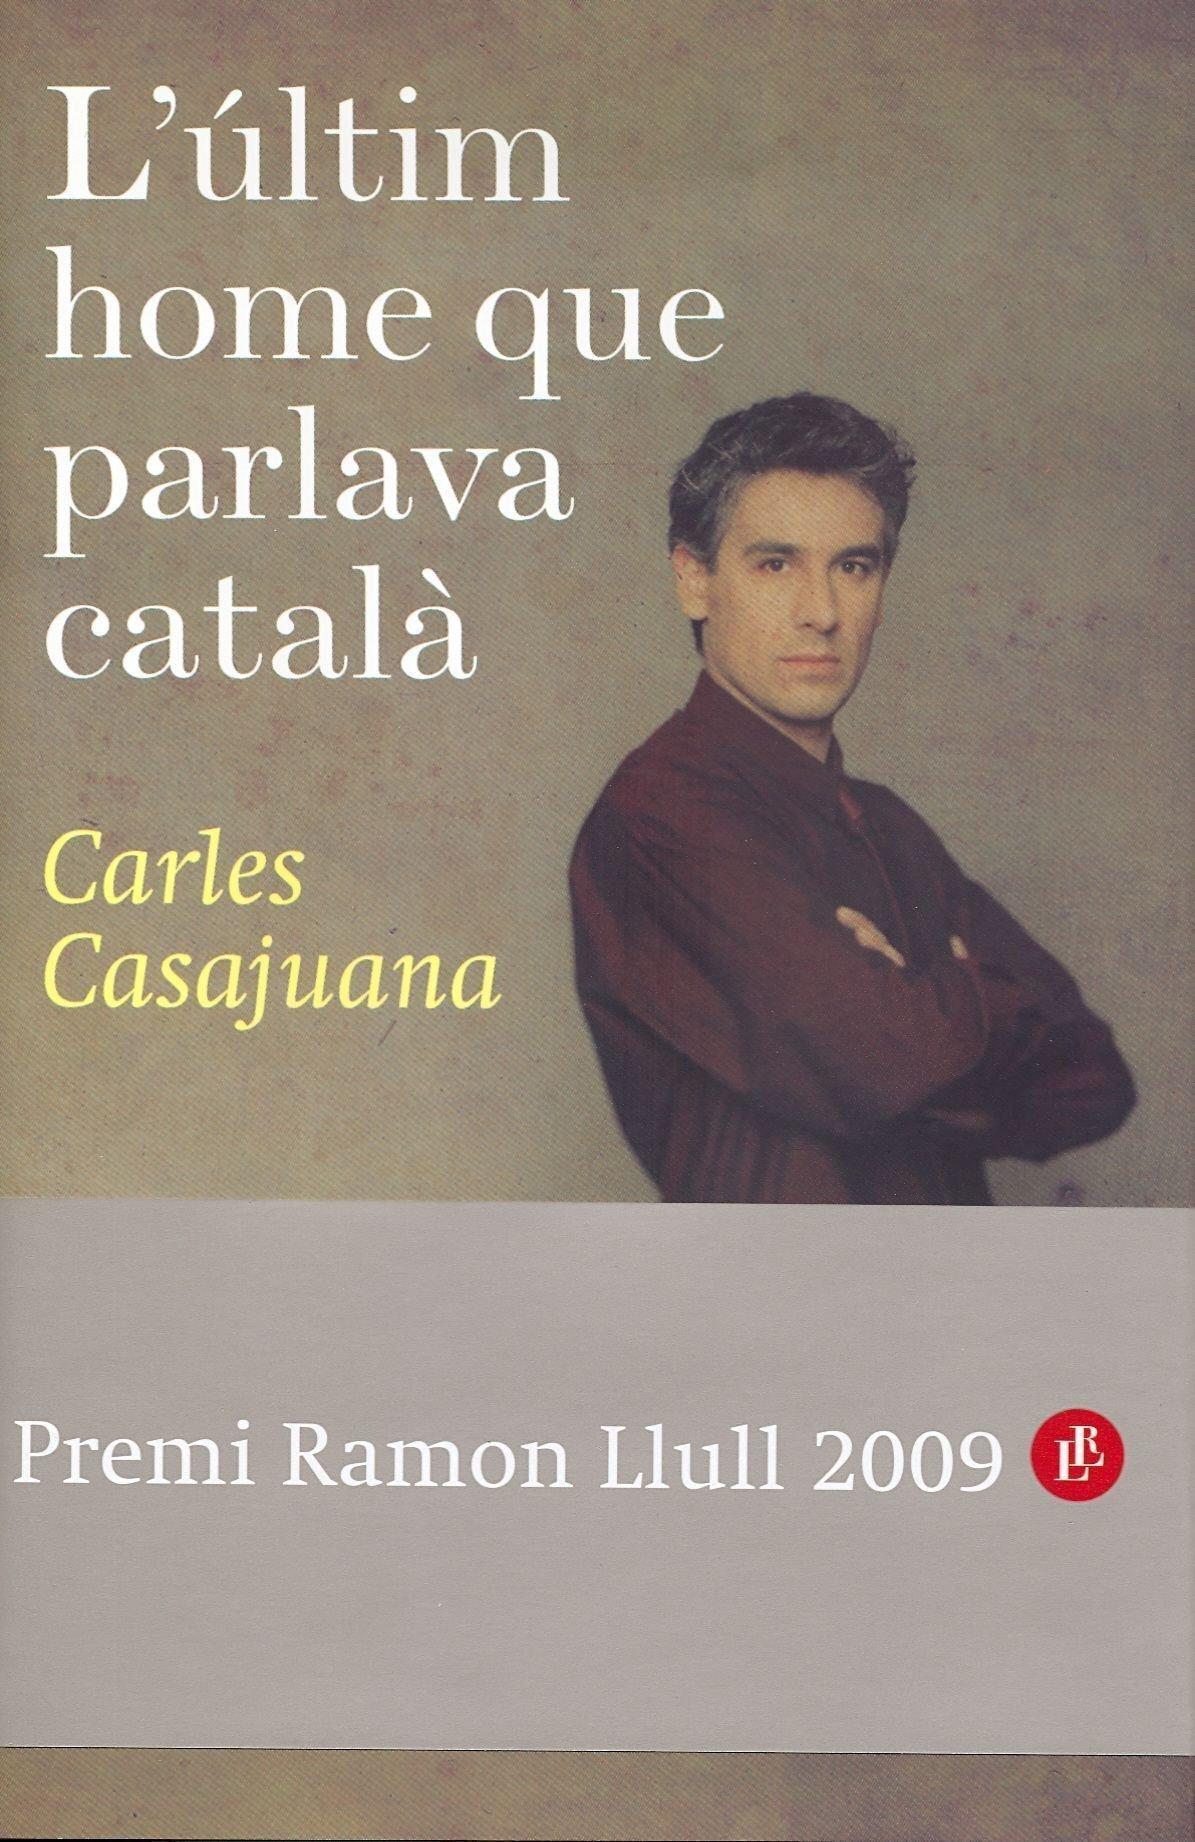 El último hombre que hablaba catalán Autores Españoles e Iberoamericanos: Amazon.es: Carles Casajuana: Libros